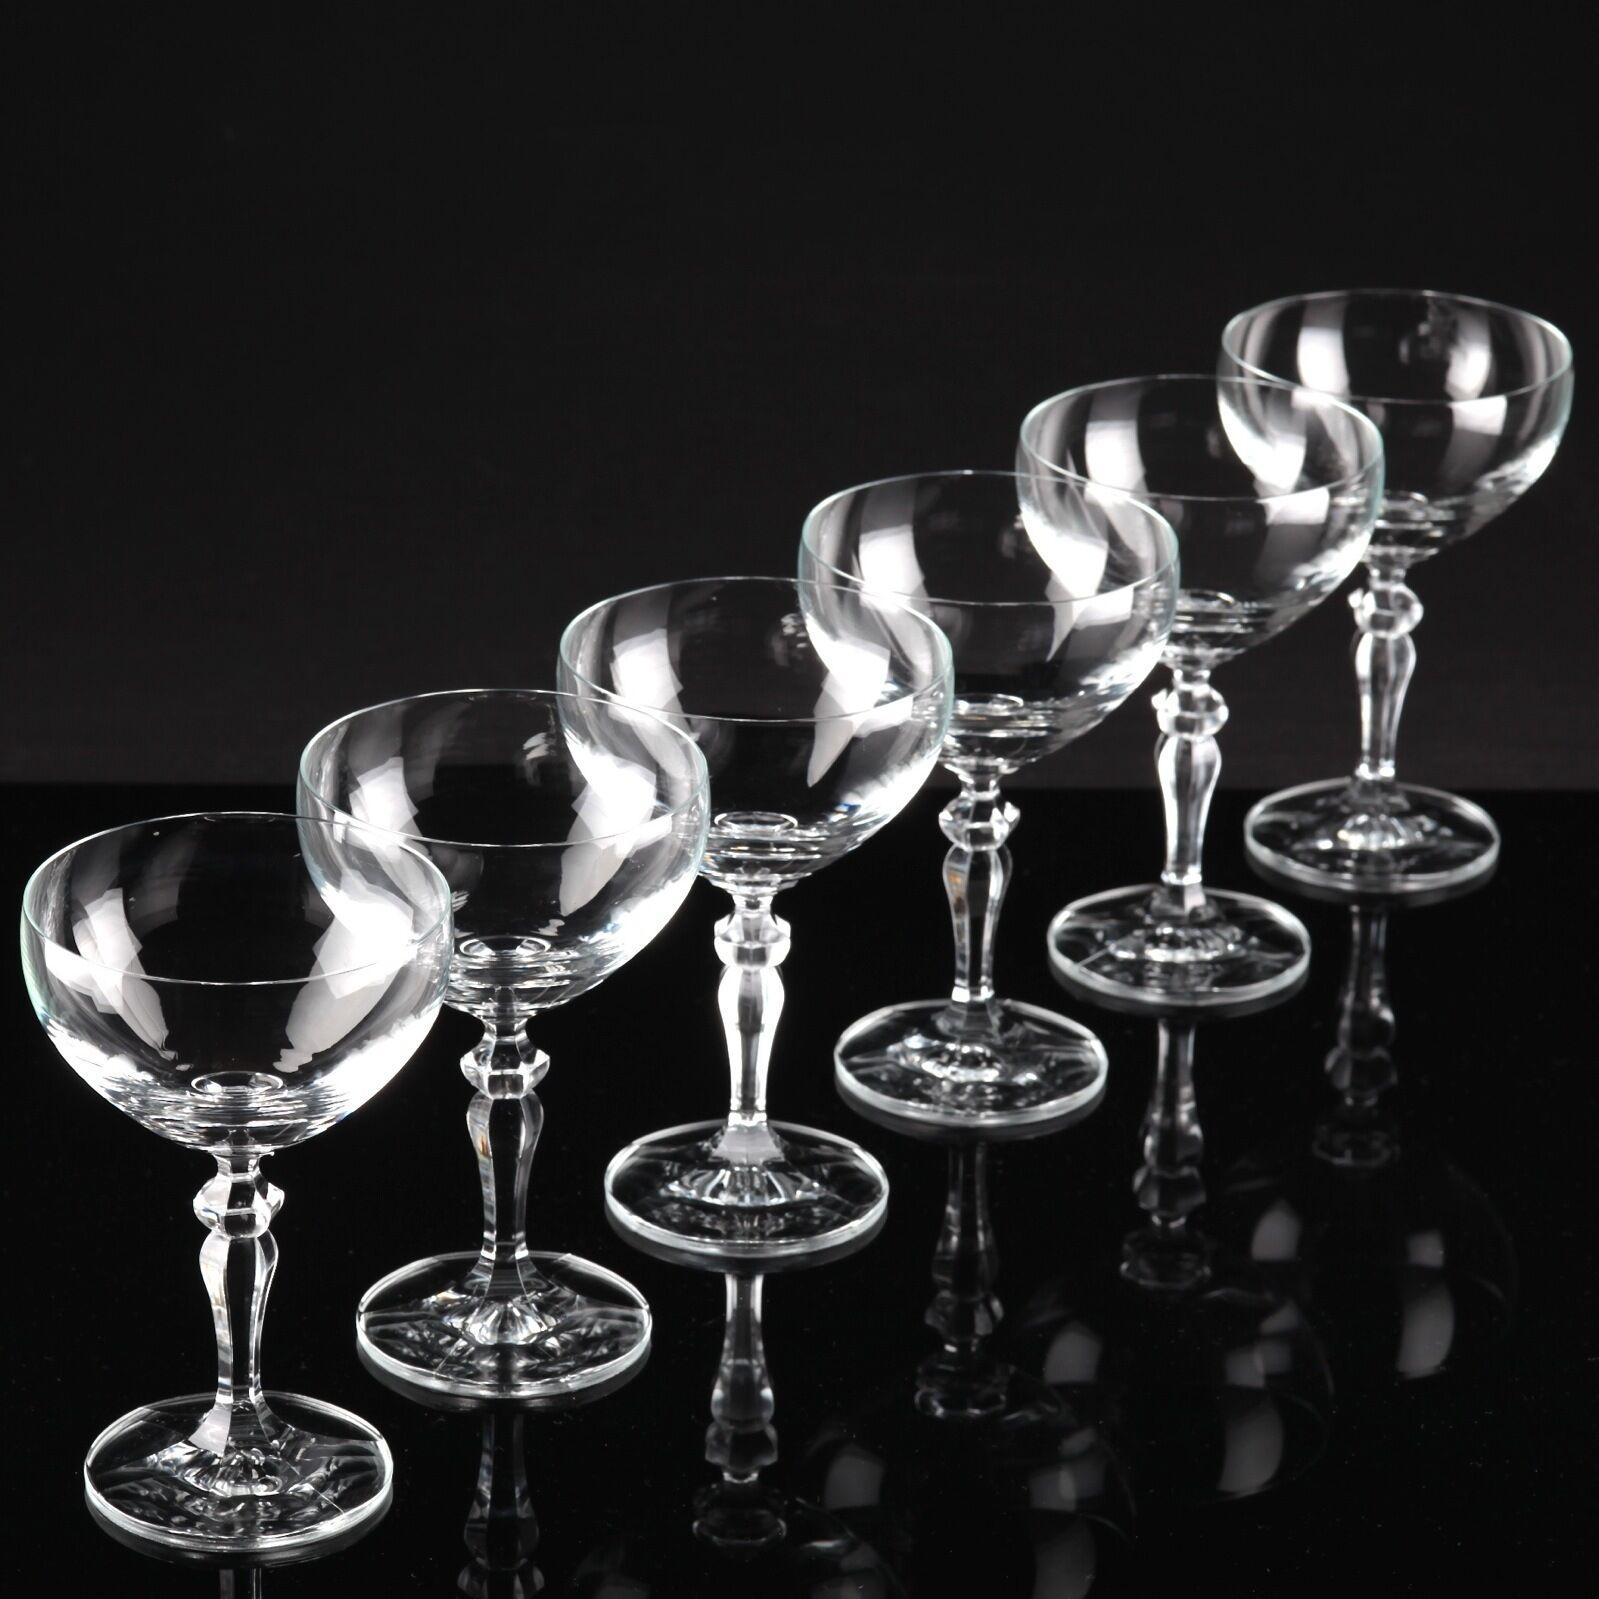 6 Trinkgläser Sektschalen Sektgläser Champagnergläser Champagnergläser Champagnergläser Kristall Gläser W6C 5fc483